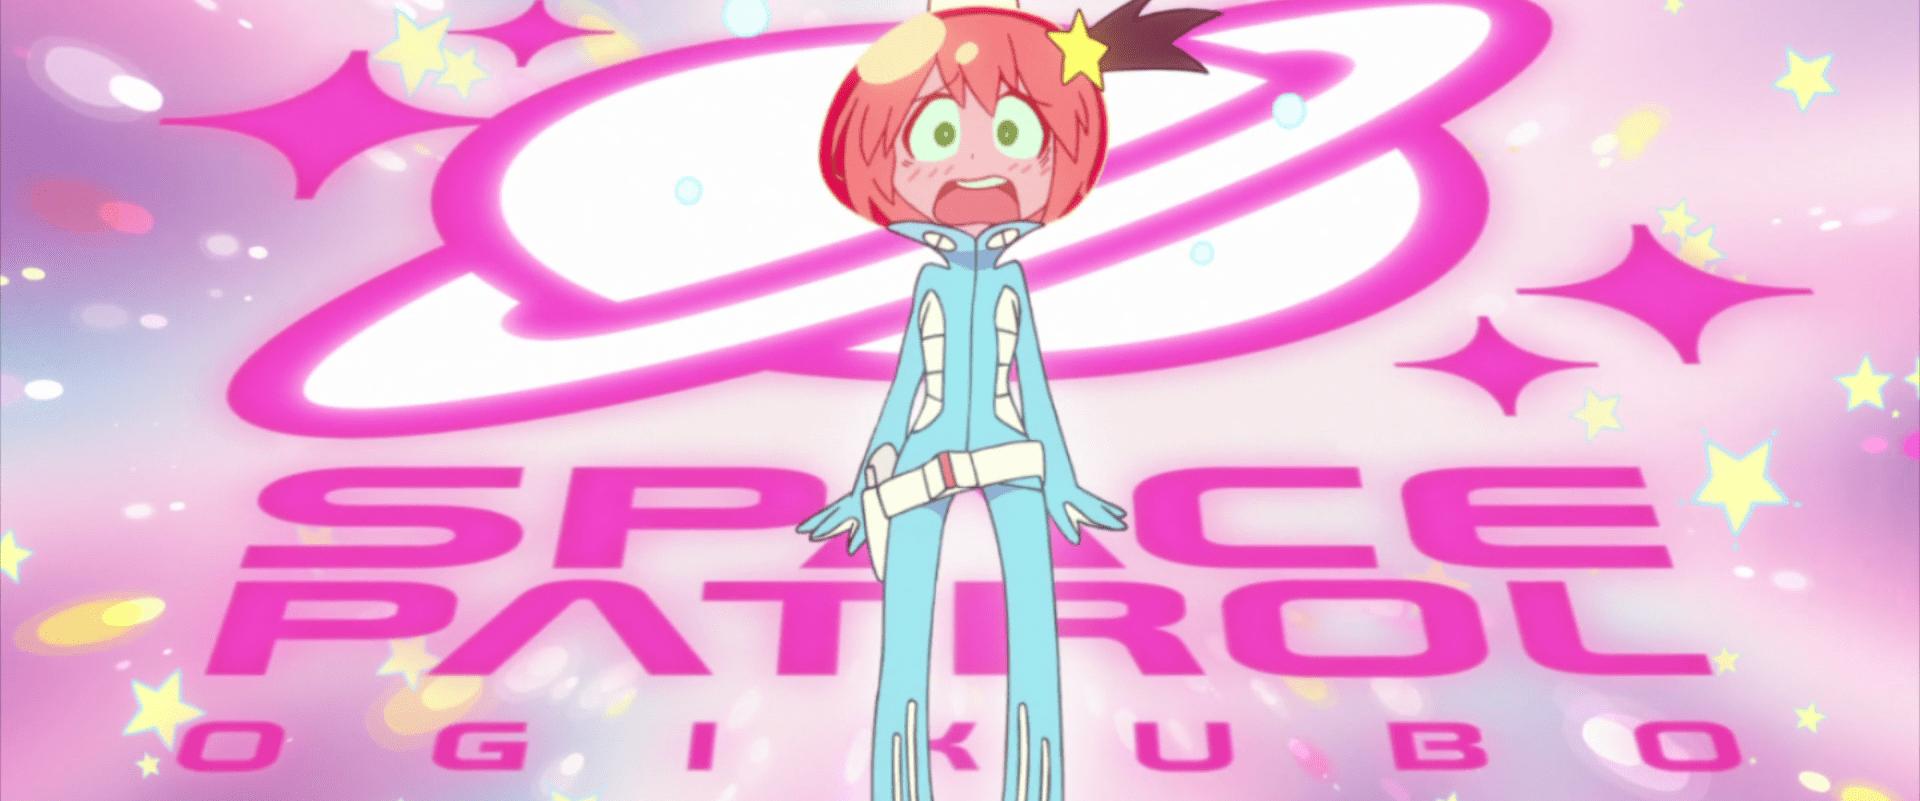 Space Patrol Luluco